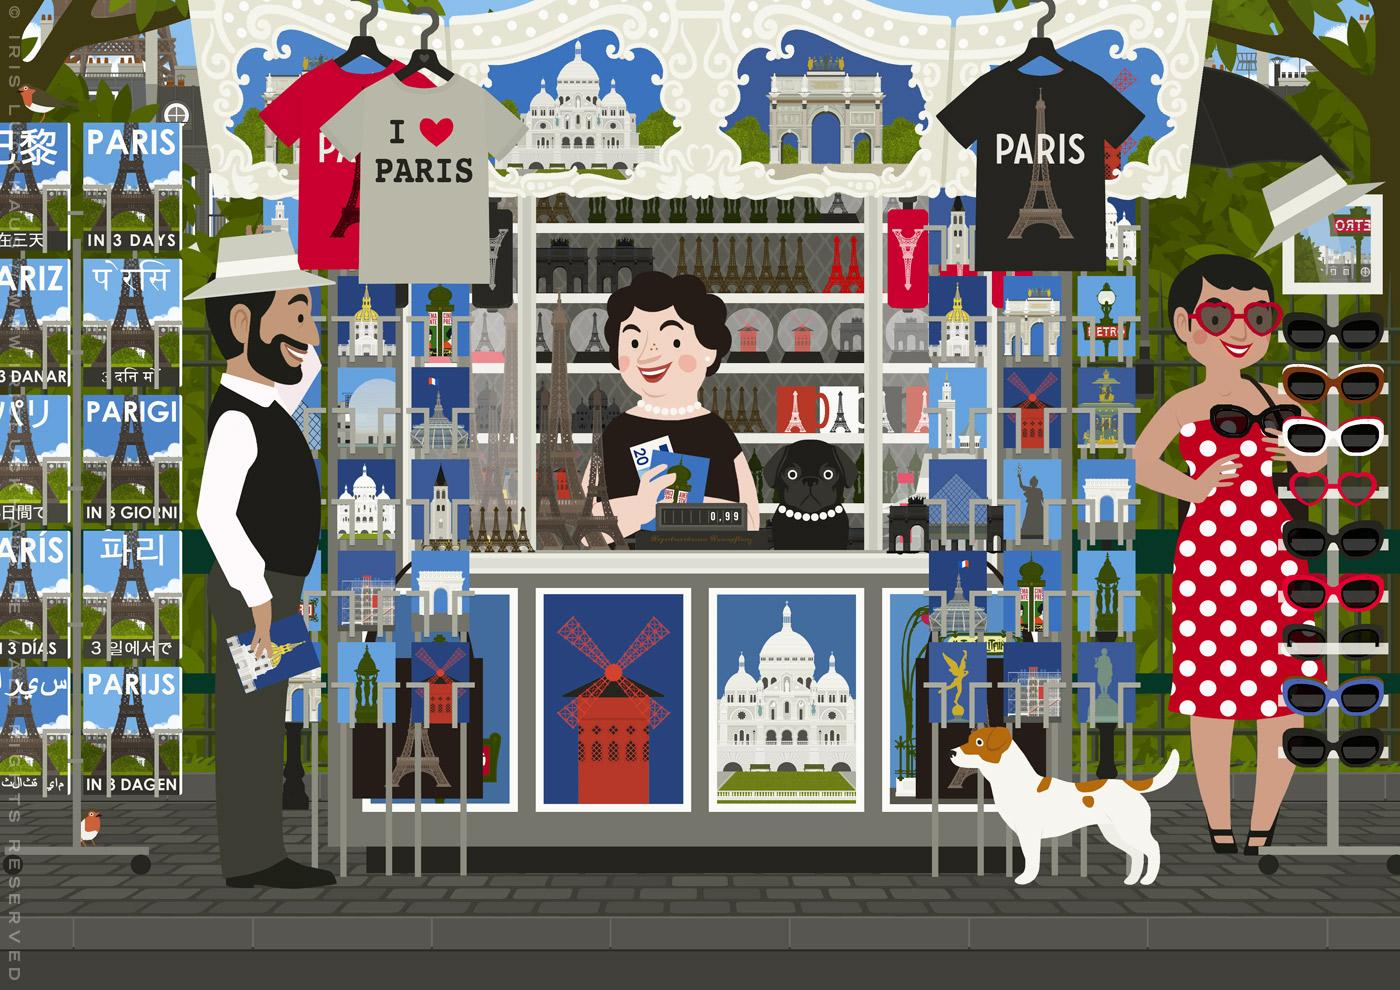 Zeichnung von einem Paar, an einem Straßenstand Souvenirs von Paris wie Plakate, Reiseführer, Postkarten, Shirts und Sonnenbrillen bei einer Souvenirverkäuferin mit Mops anschaut, aufprobiert und kauft